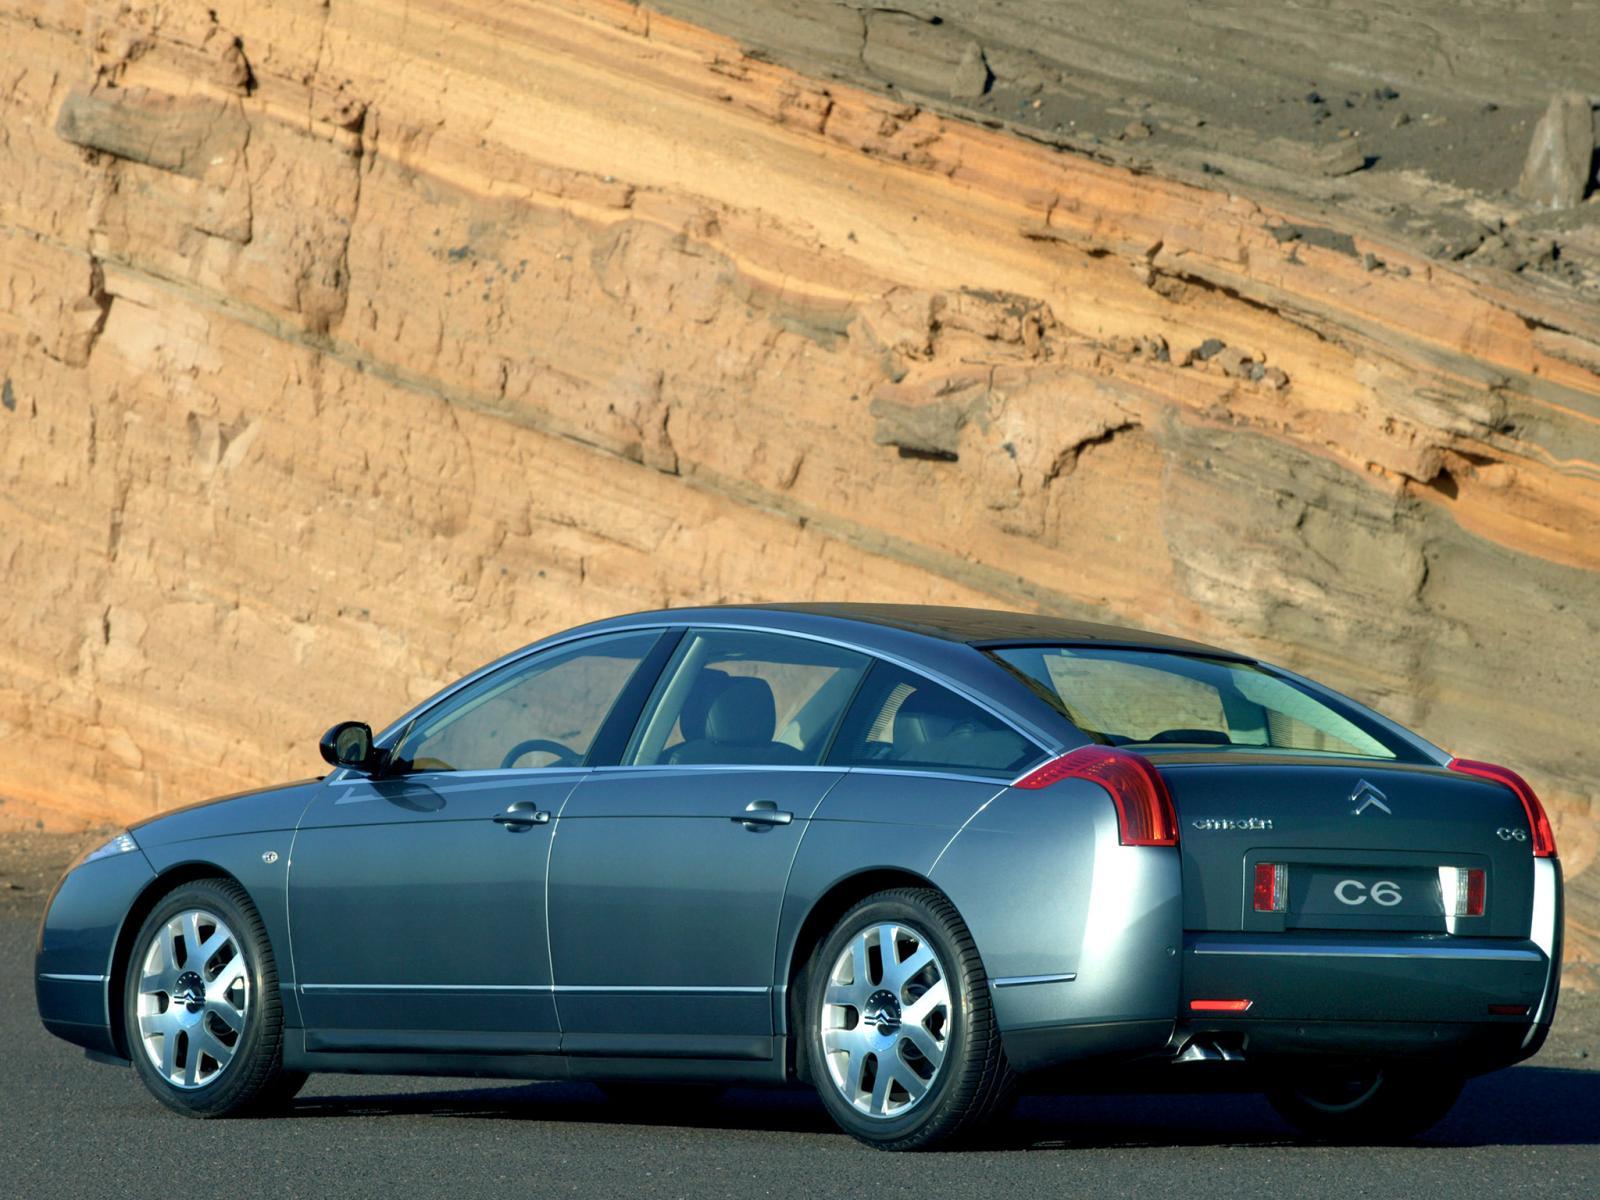 C6 2005 3/4 arrière